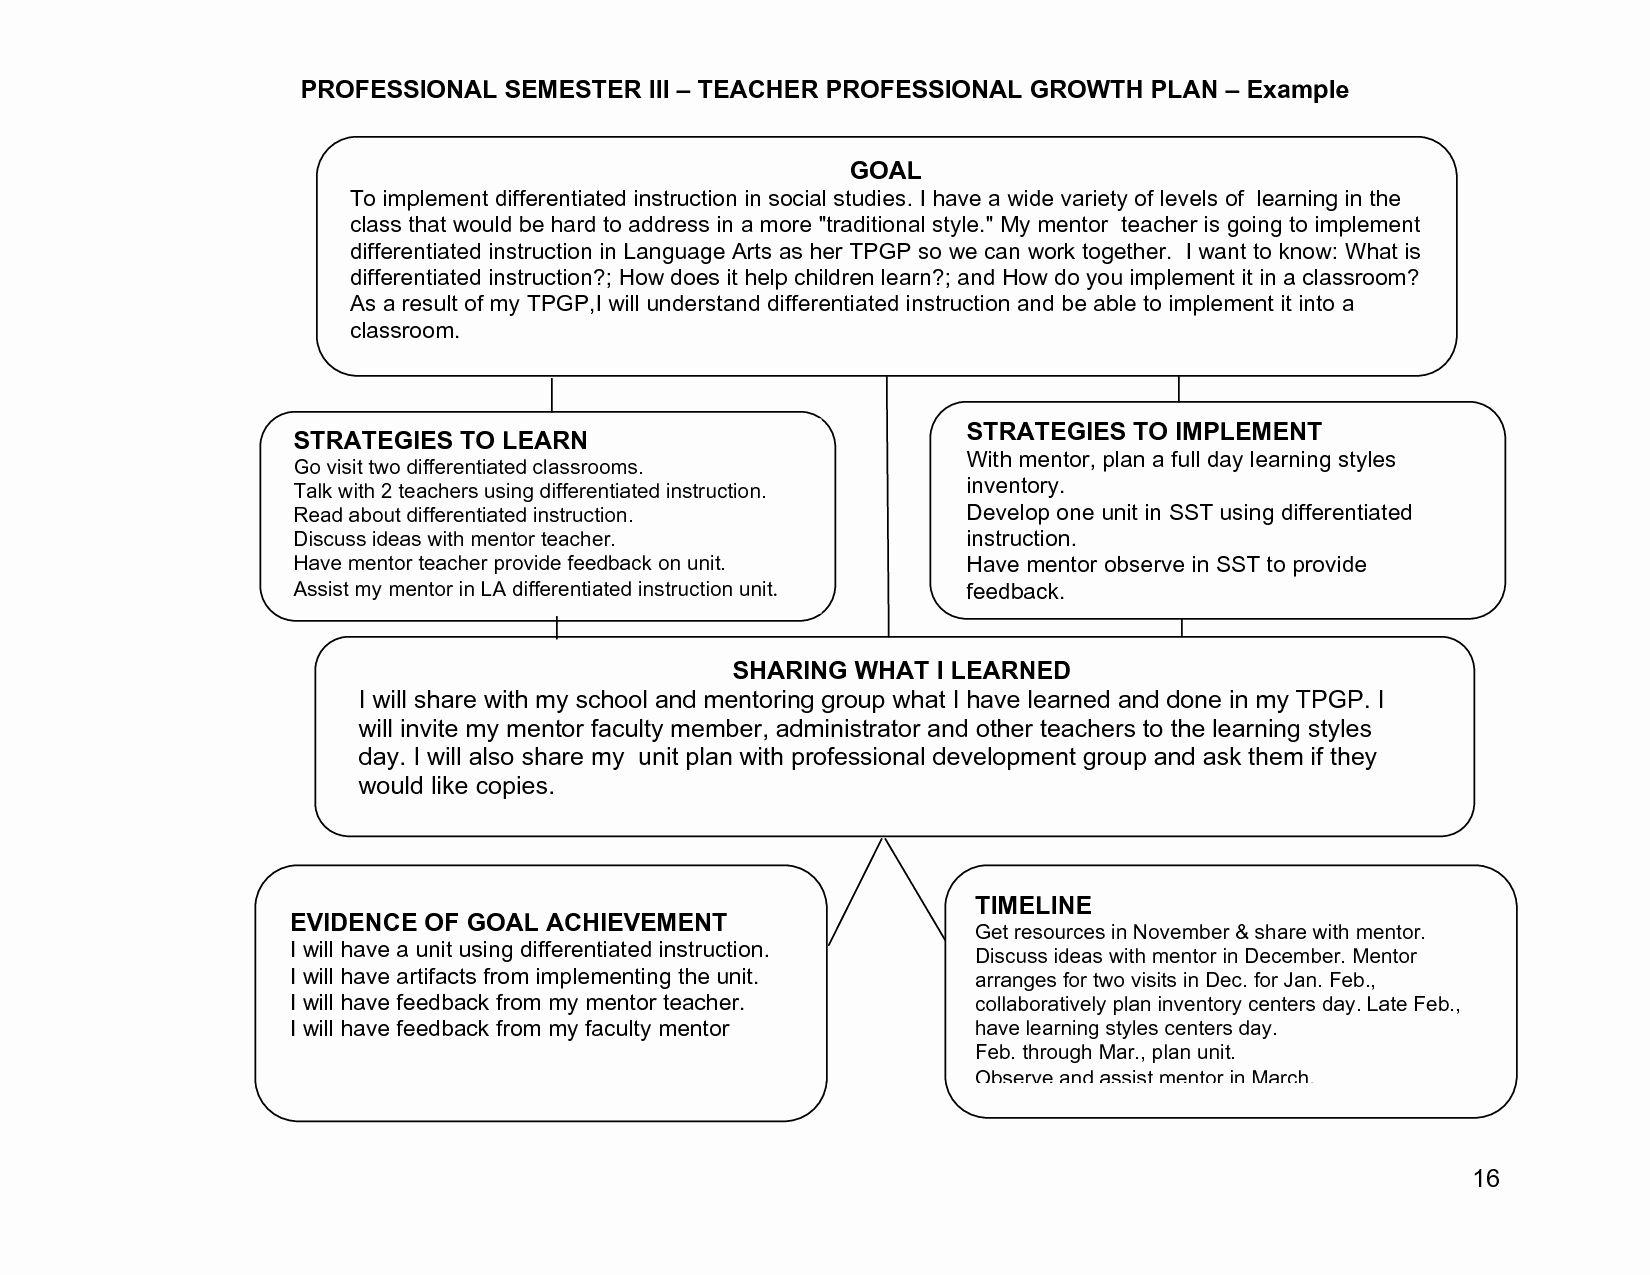 Professional Development Plan Sample For Teachers Lovely Learning Plans Or Goals For Professional Growth Plan Professional Development Plan Professional Growth Sample of professional development plan